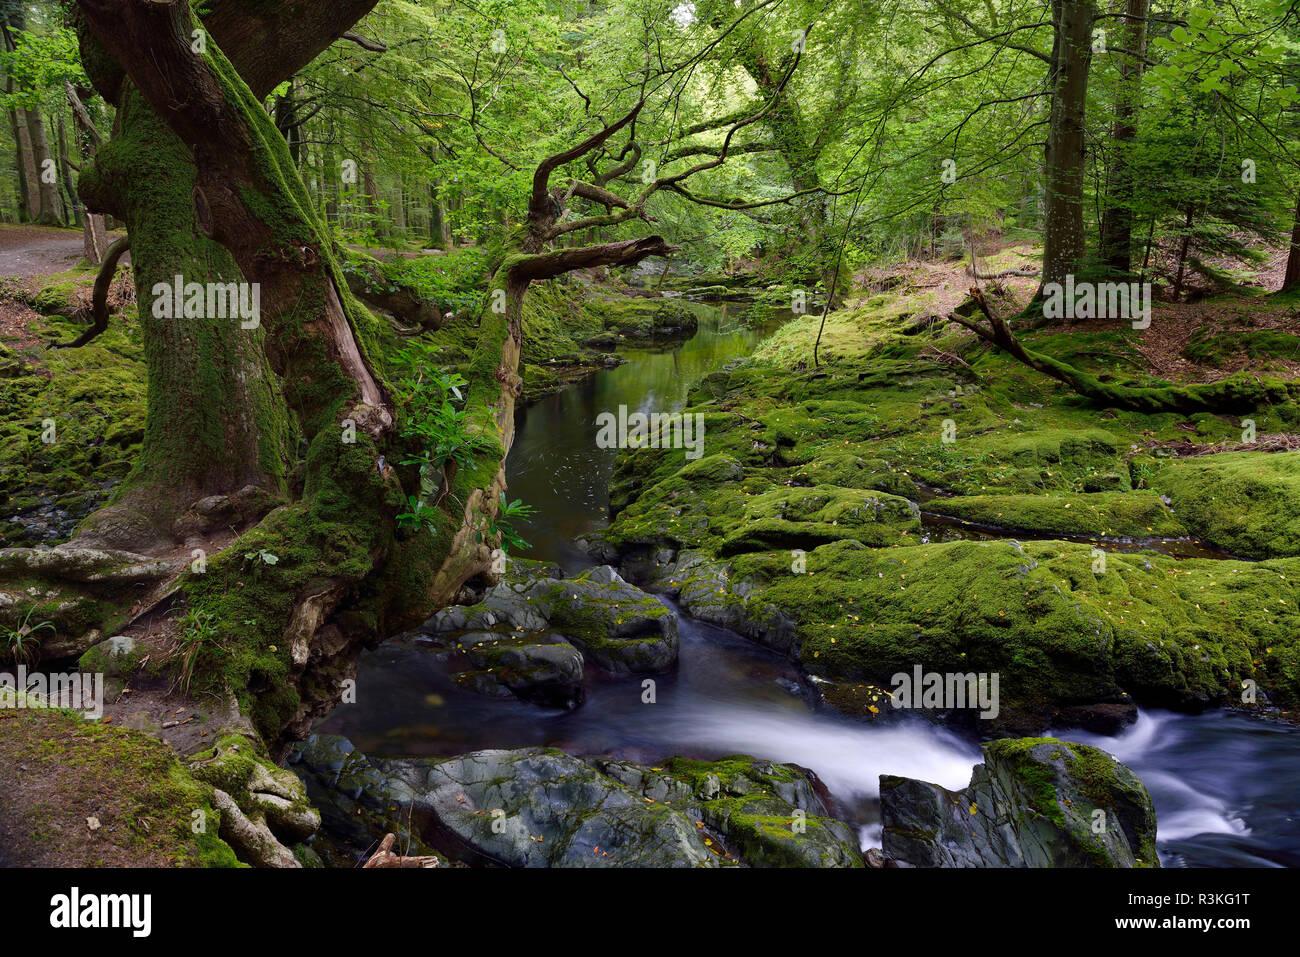 Irlanda, Ulster, Condado de Down, Tollymore Park, uno de los Juego de Tronos lugares de rodaje Foto de stock